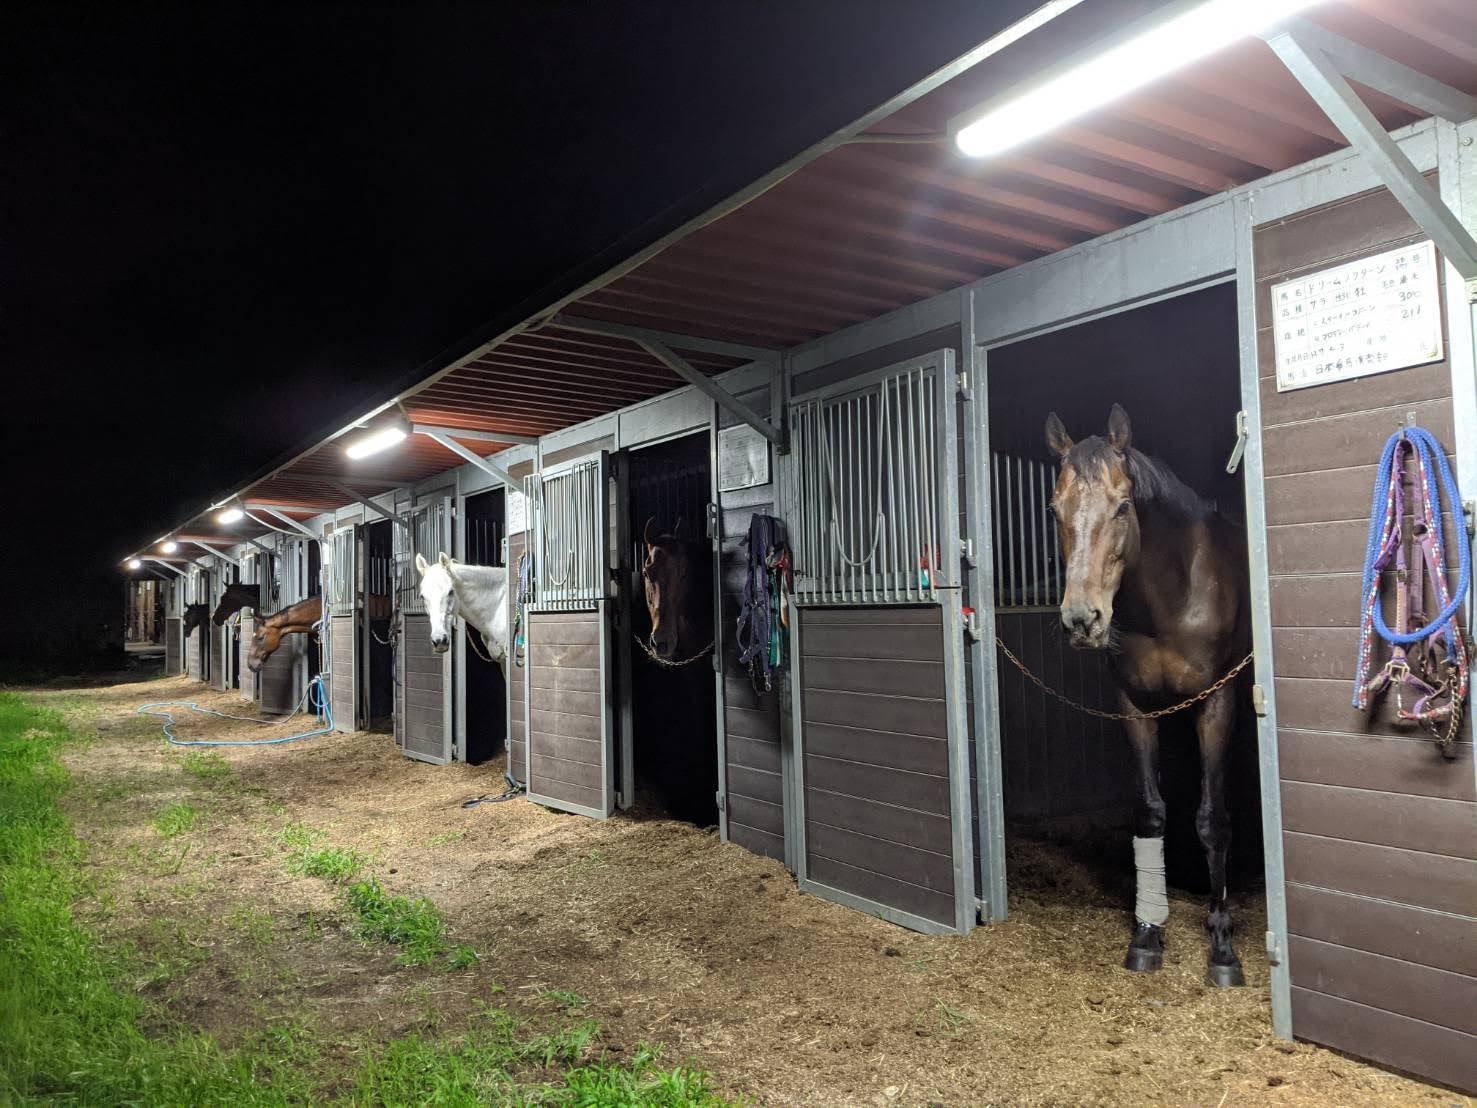 夜の厩舎から: 日本乗馬倶楽部